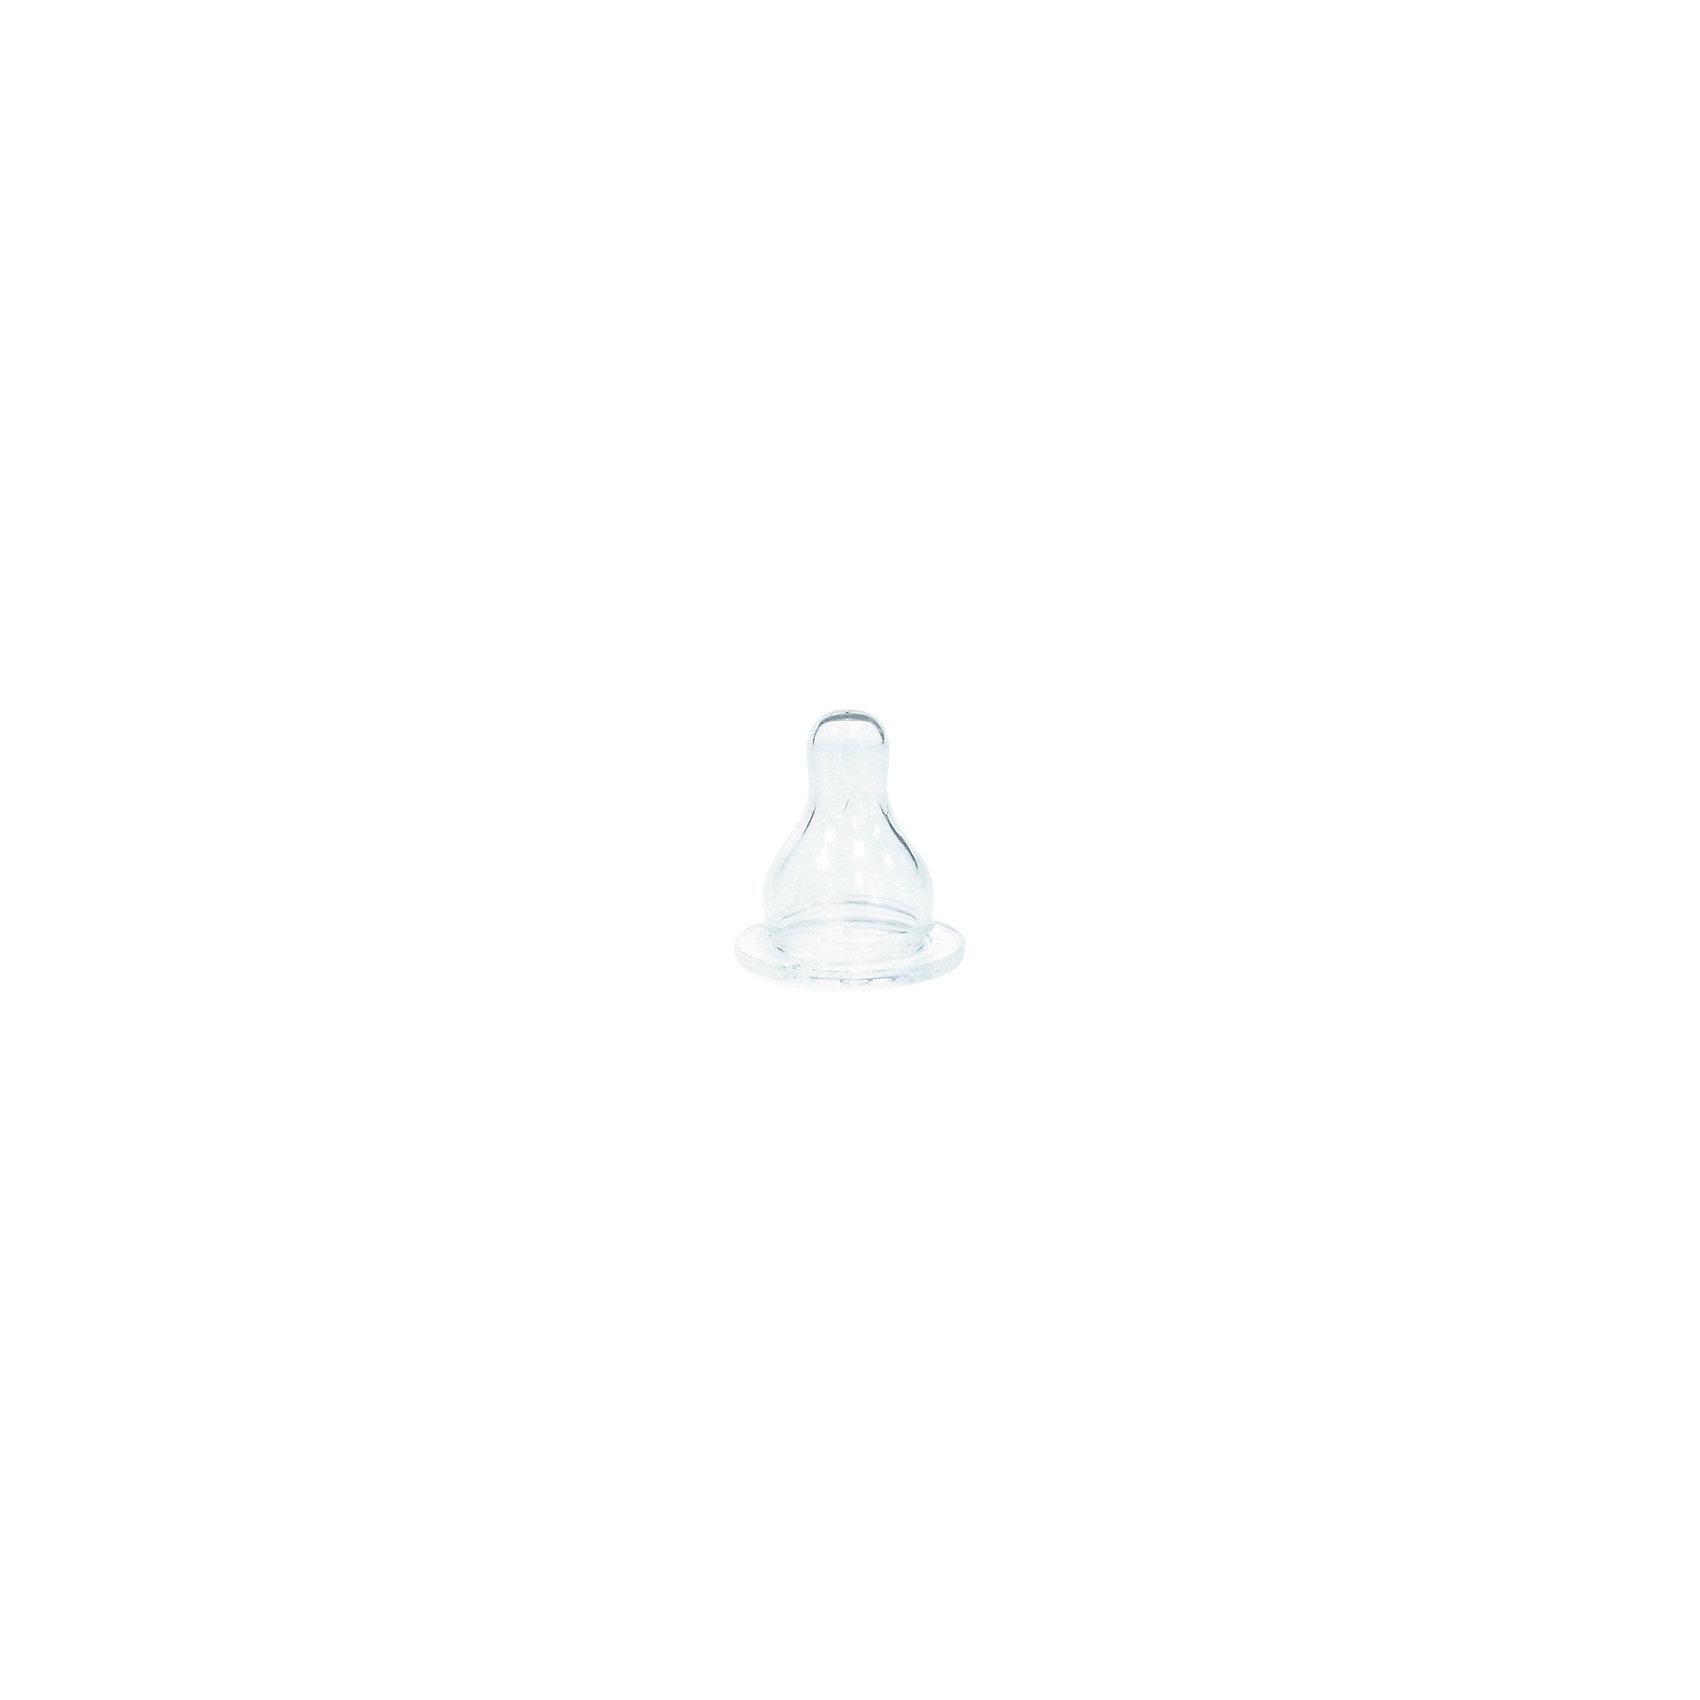 Соска молочная L от 6 мес. силикон быстрый поток 2 шт., LUBBYБутылочки и аксессуары<br>Соска молочная L от 6 месяцев  торговой  марки LUBBY подходит для многих бутылочек  и изготавливается их высококачественного силикона, который не содержит ни вредных примесей, не имеет вкуса или неприятного  запаха. С помощью специальной формы и мягкости материала, Ваш малыш будет с легкостью переходить от груди к бутылочке и обратно. В комплекте 2 сменные соски. <br><br>Дополнительная информация: <br><br>- состав: силикон<br>- срок службы: 45 дней<br>- комплектация: 2 шт.<br>- размер: размер s, малый поток<br>- размер единичной упаковки (дхшхв) : 60x70x40<br>- вес: 20<br><br>Силиконовую соску торговой  марки LUBBY можно купить в нашем интернет-магазине.<br><br>Ширина мм: 60<br>Глубина мм: 70<br>Высота мм: 40<br>Вес г: 350<br>Возраст от месяцев: 6<br>Возраст до месяцев: 2147483647<br>Пол: Унисекс<br>Возраст: Детский<br>SKU: 4801586